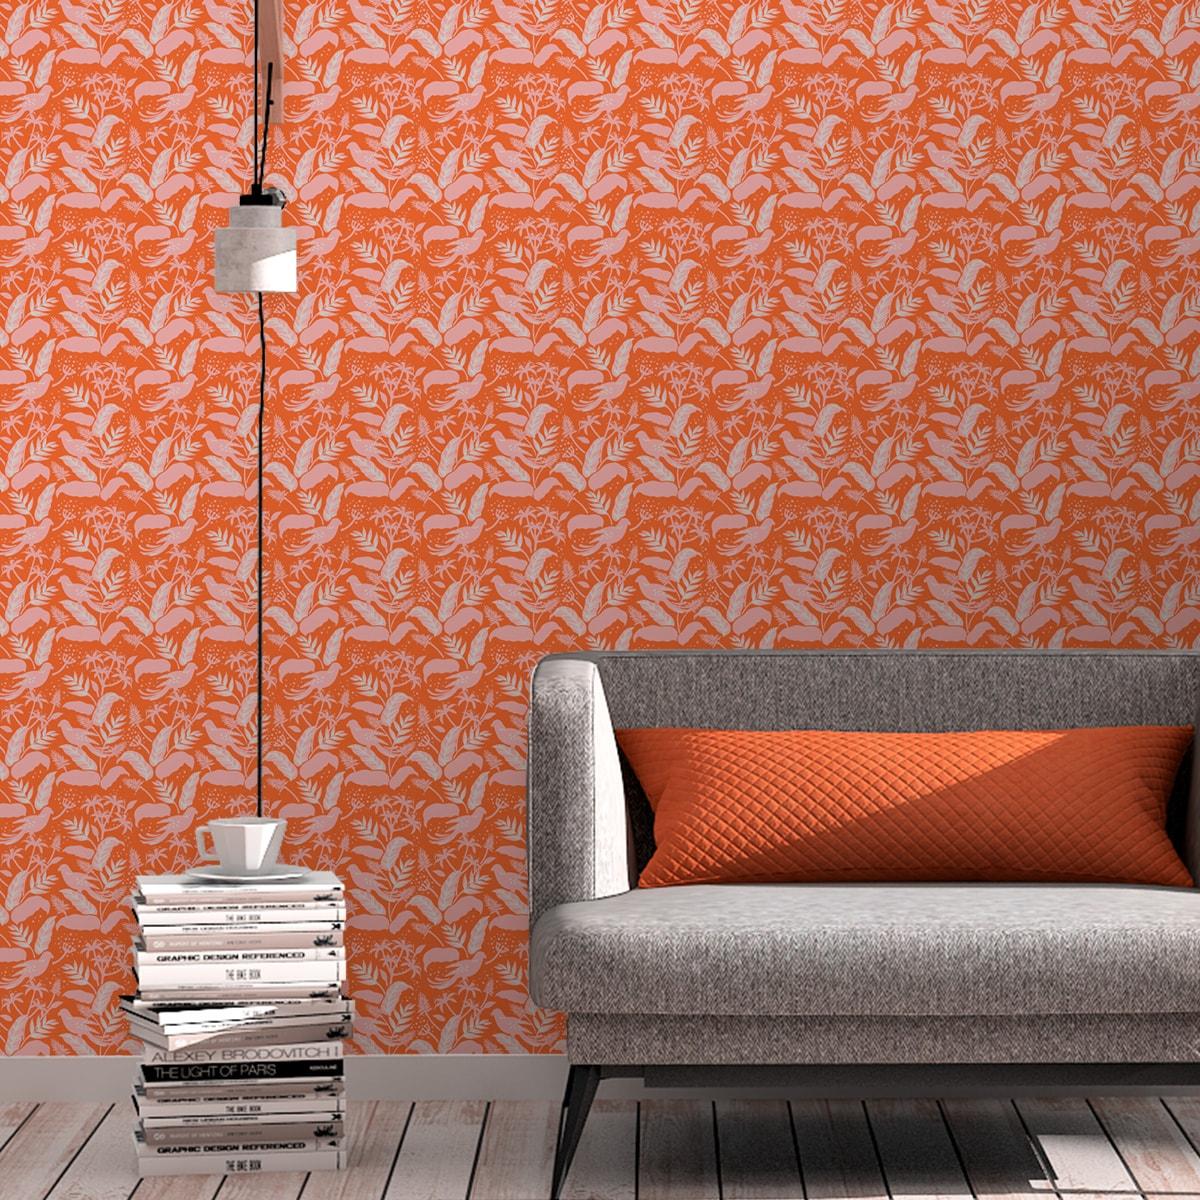 Full Size of Schöne Betten Wohnzimmer Tapeten Ideen Für Die Küche Fototapeten Schlafzimmer Mein Schöner Garten Abo Wohnzimmer Schöne Tapeten